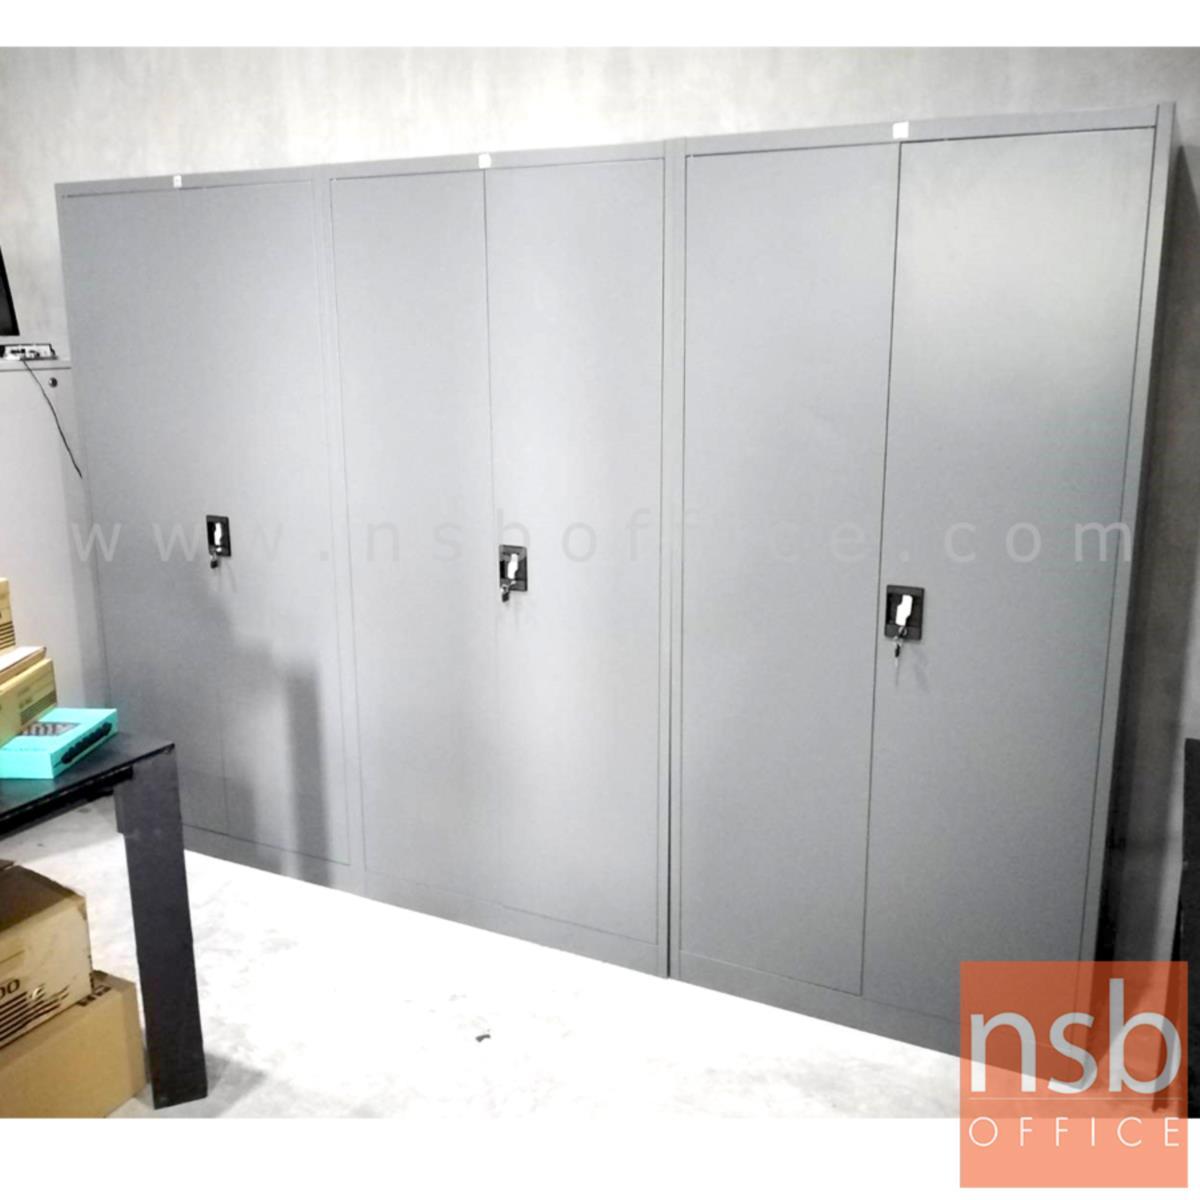 ตู้เอกสารเหล็กบานเปิดทึบสูง  รุ่น Skylar ขนาด 90W*185H cm.